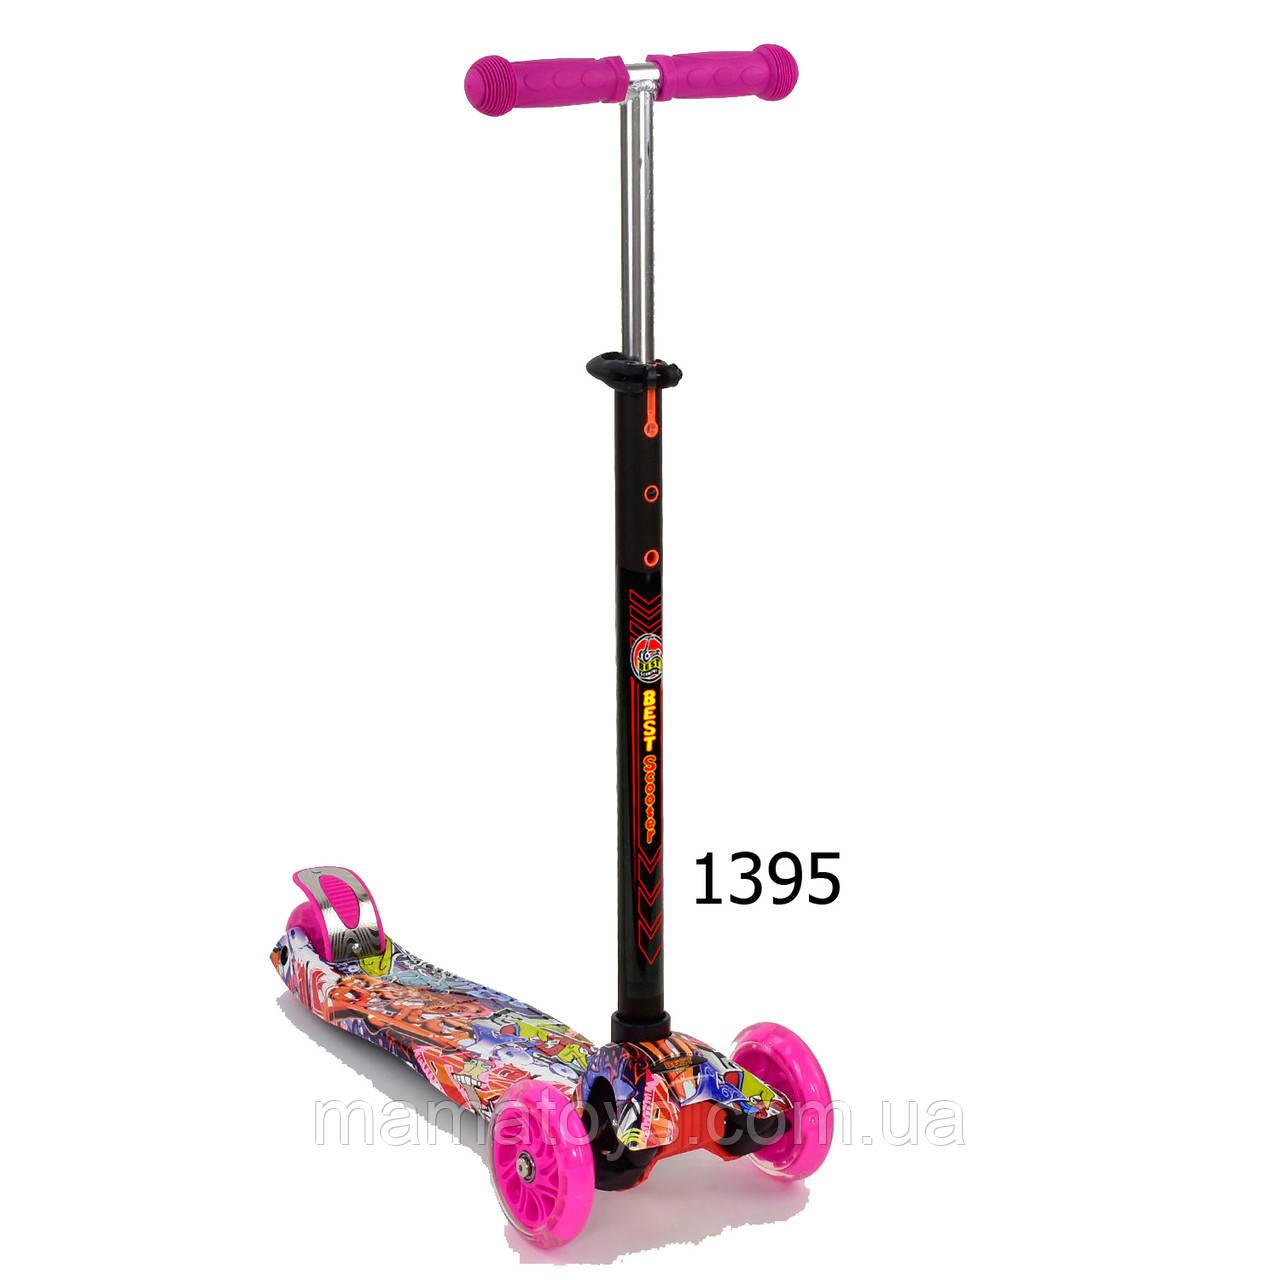 Детский Самокат Best Scooter А 24651 /779-1395 Розовый Макси Принт Колеса PU, светятся А 24651 /779-1395